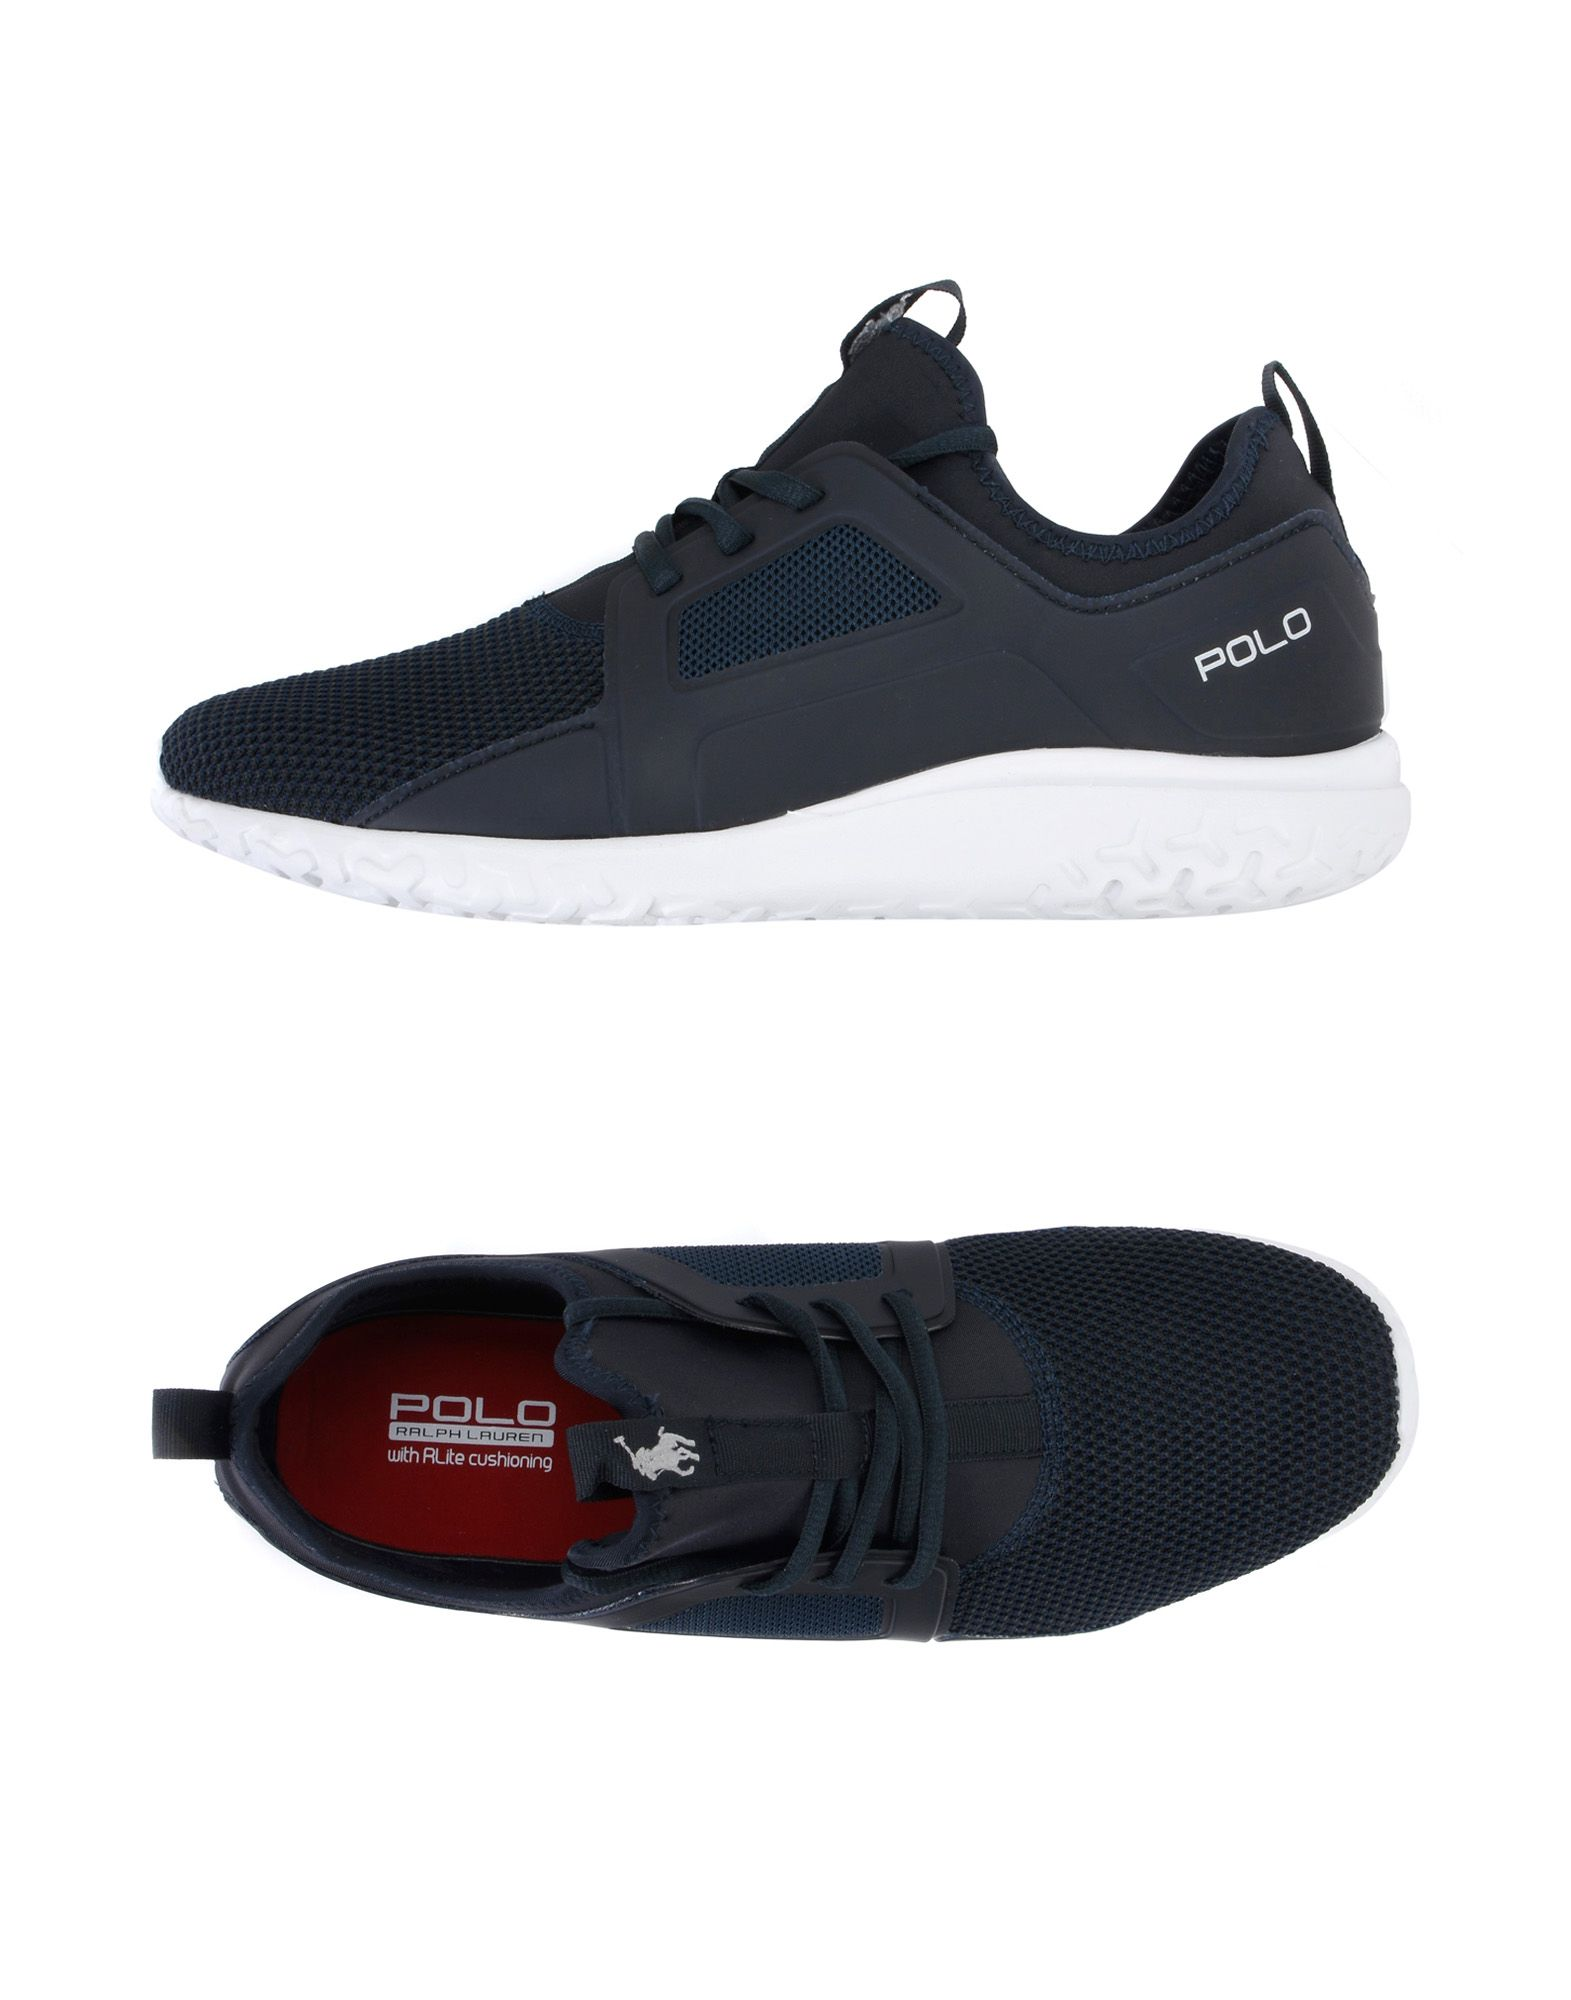 Polo Ralph Lauren Sneakers Herren Herren Herren  11429531FD Neue Schuhe ab5ea9